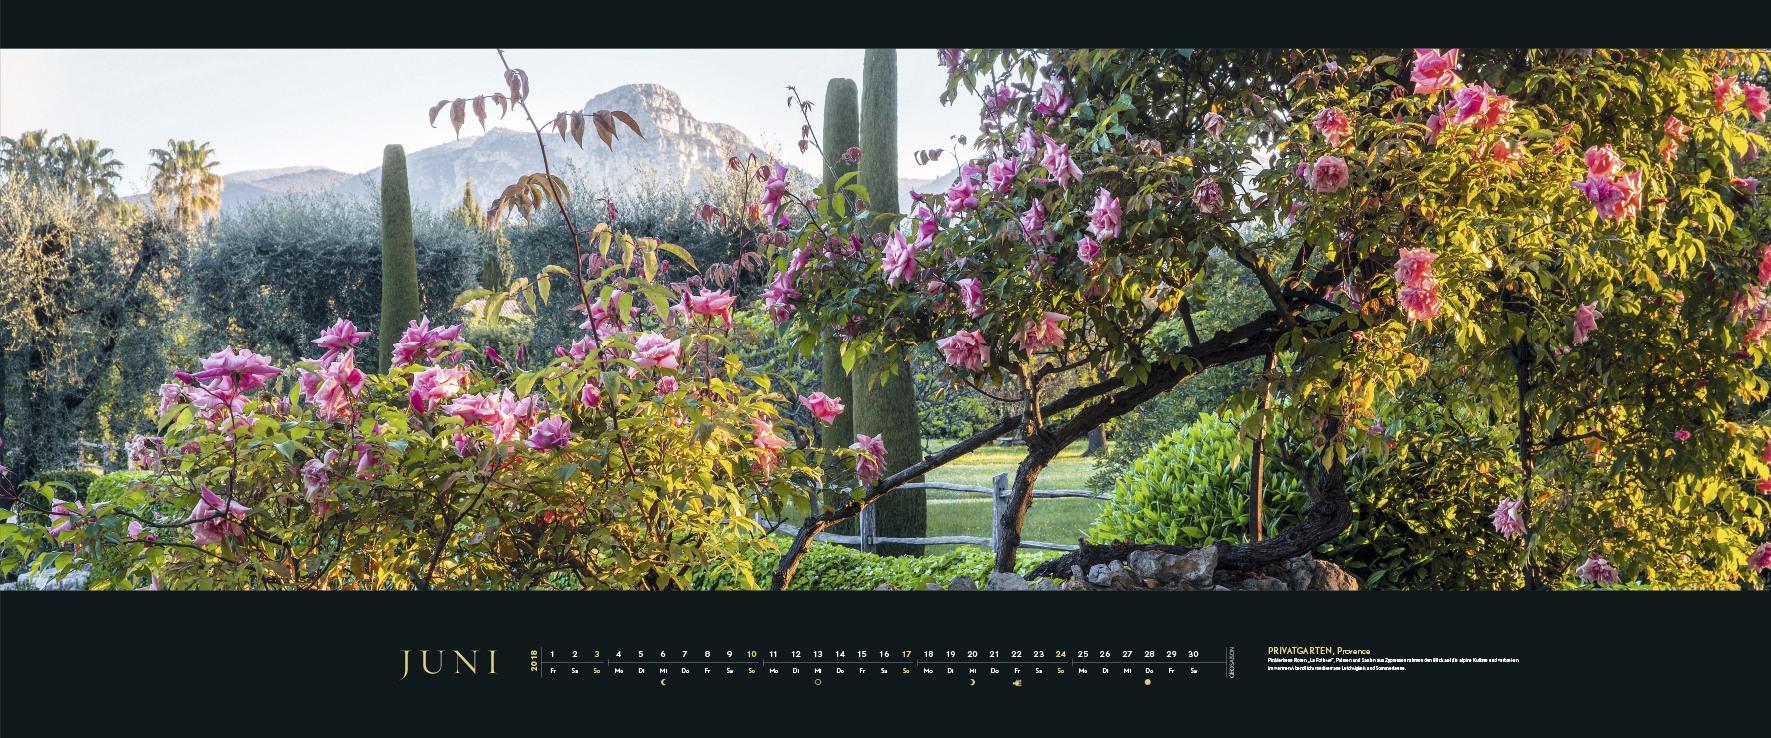 Die schönsten Gärten 2018 145198379 - 66,45